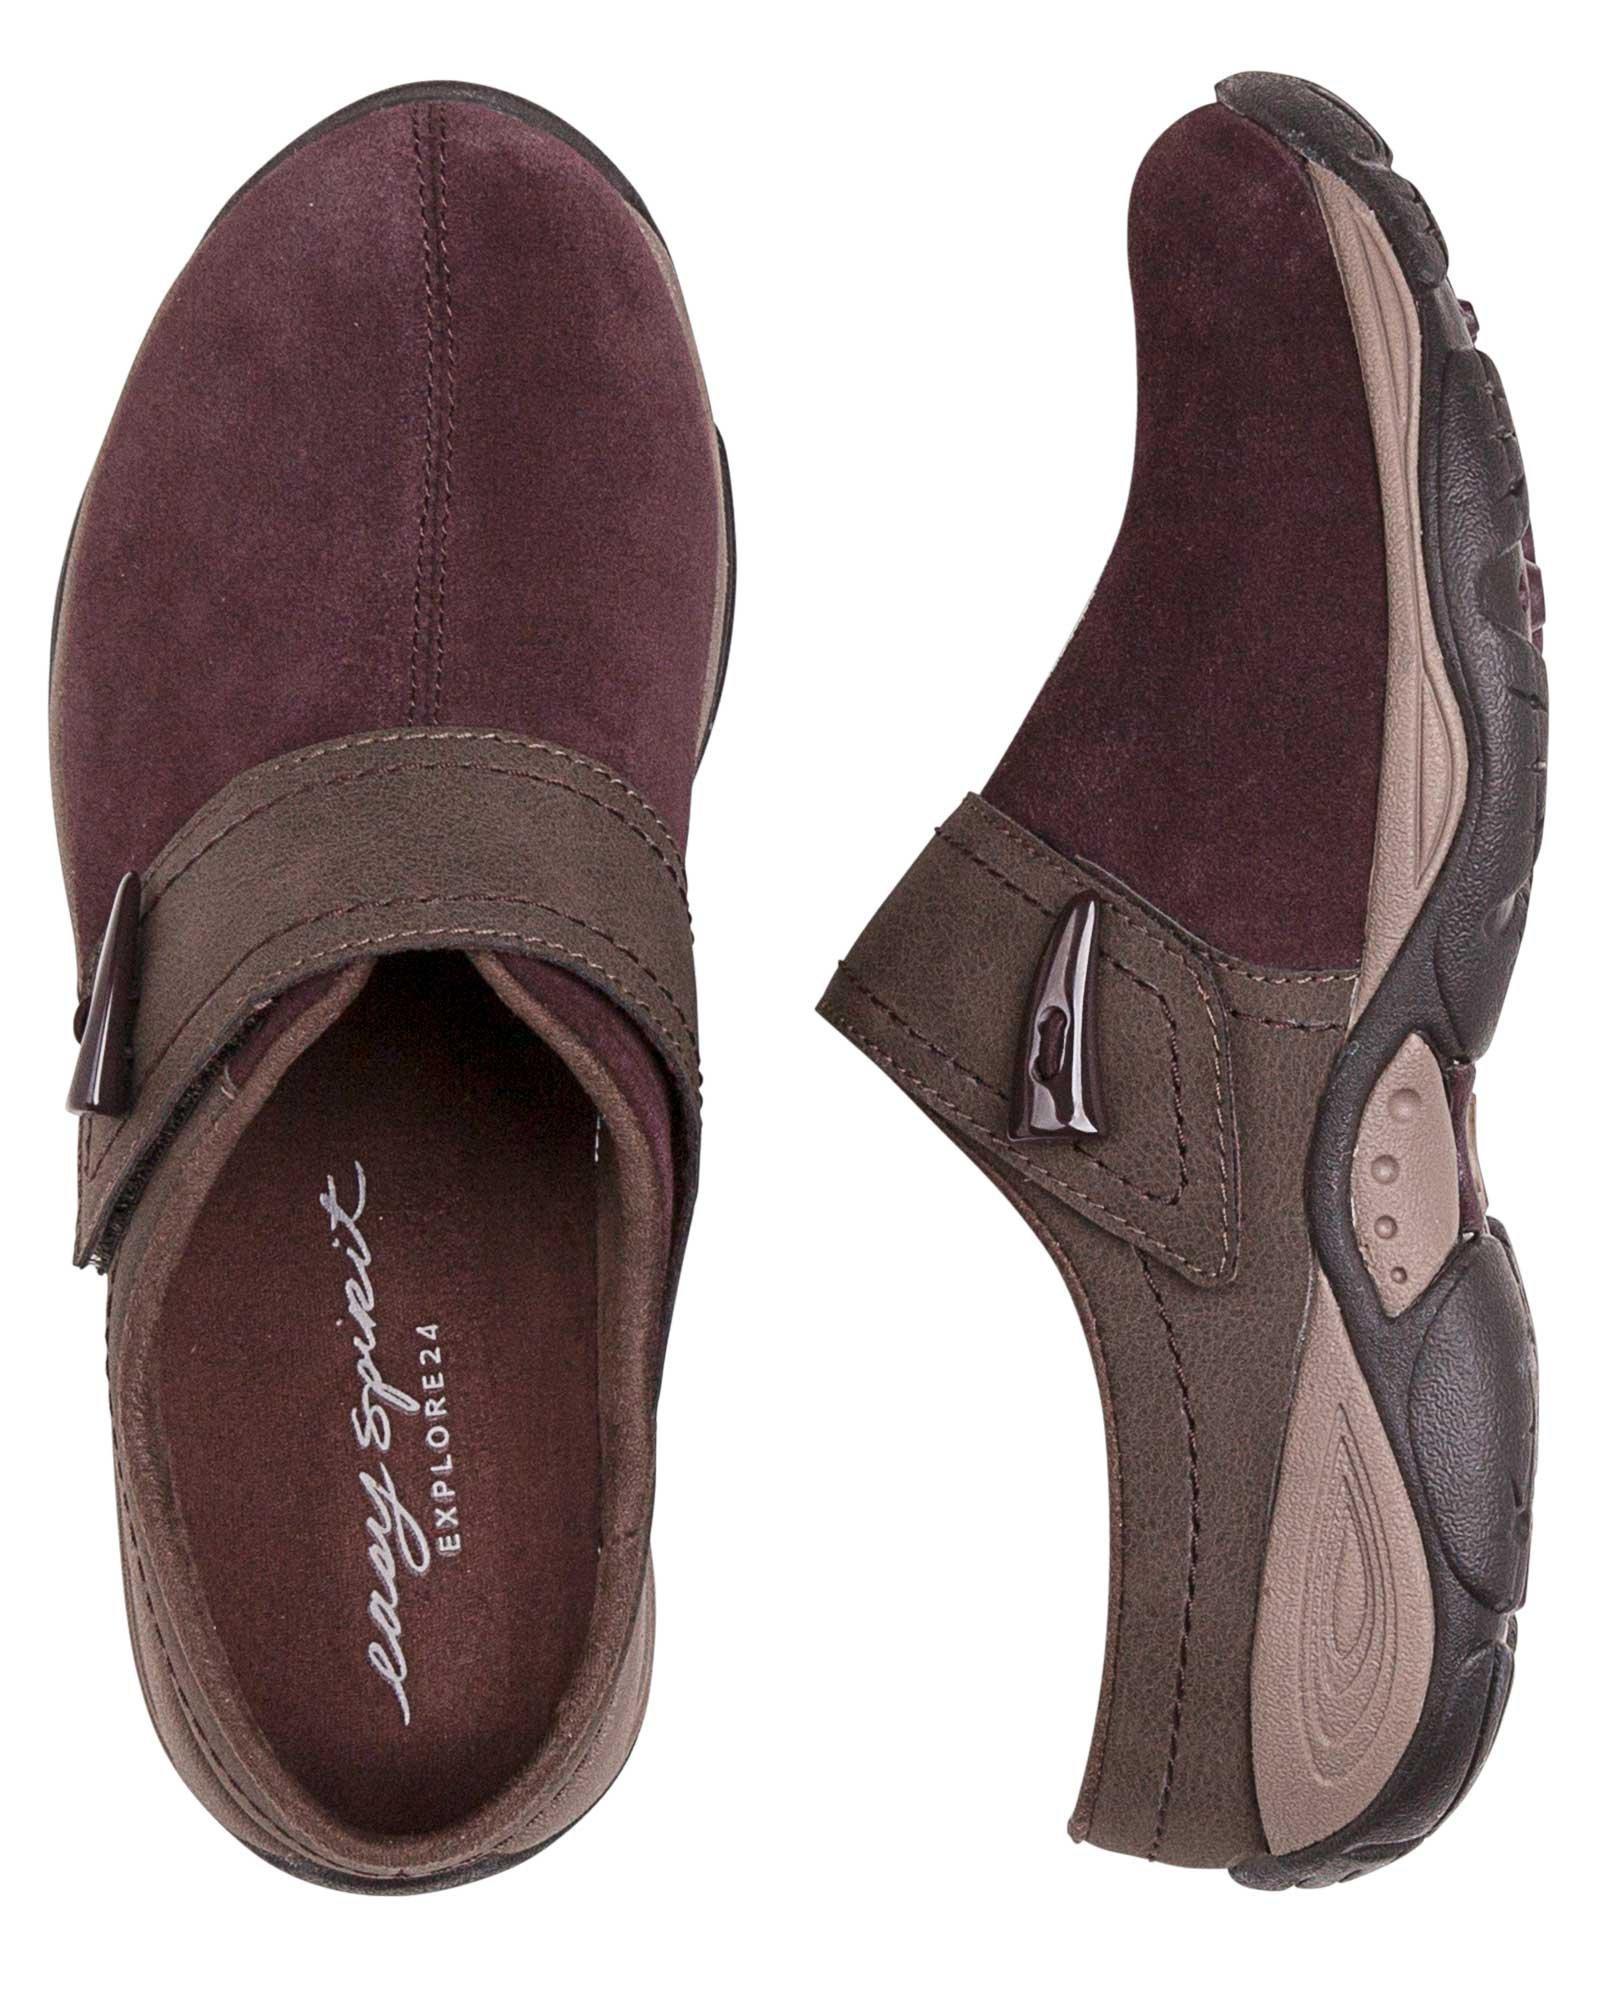 Easy Spirit Womens Eliana Slip-On Shoe, Vine/Chestnut, 10 C/D US